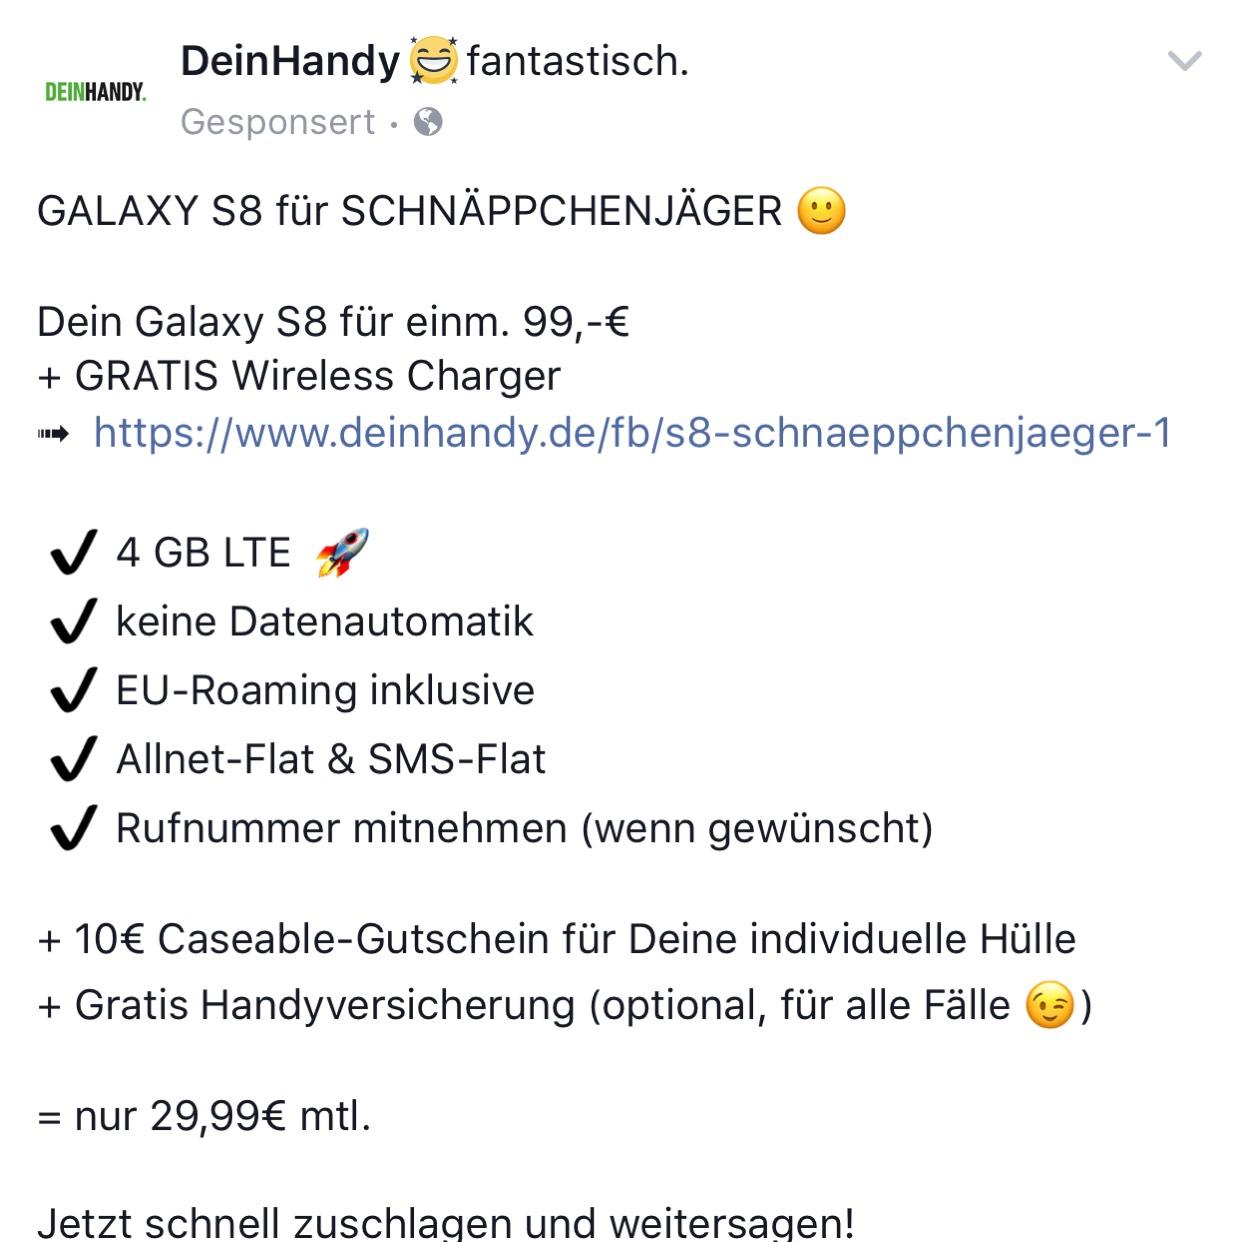 Samsung S8 einmalig für 99€ danach 29,99€ monatlich